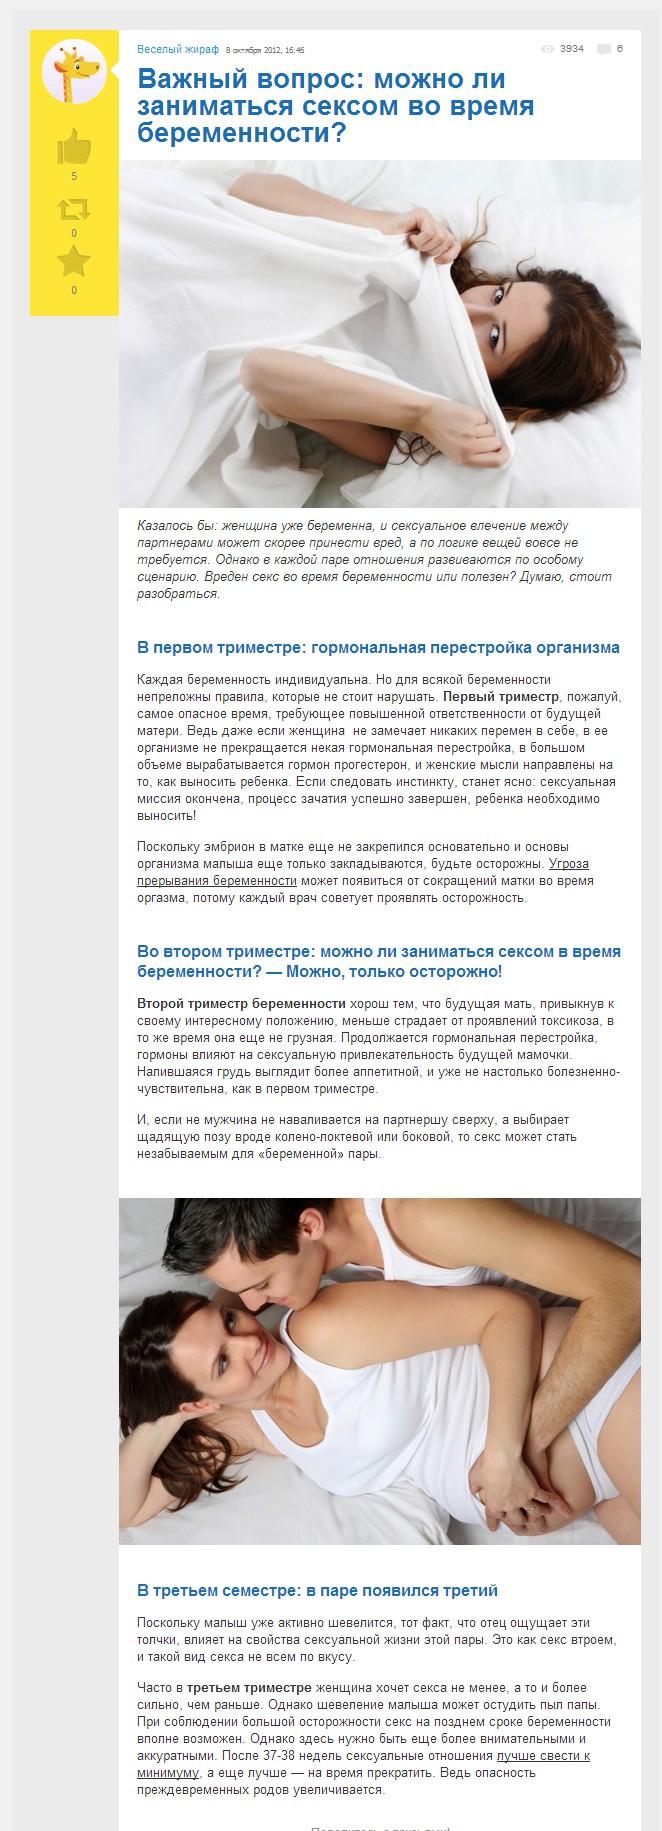 Вопросы о сексе 6 фотография